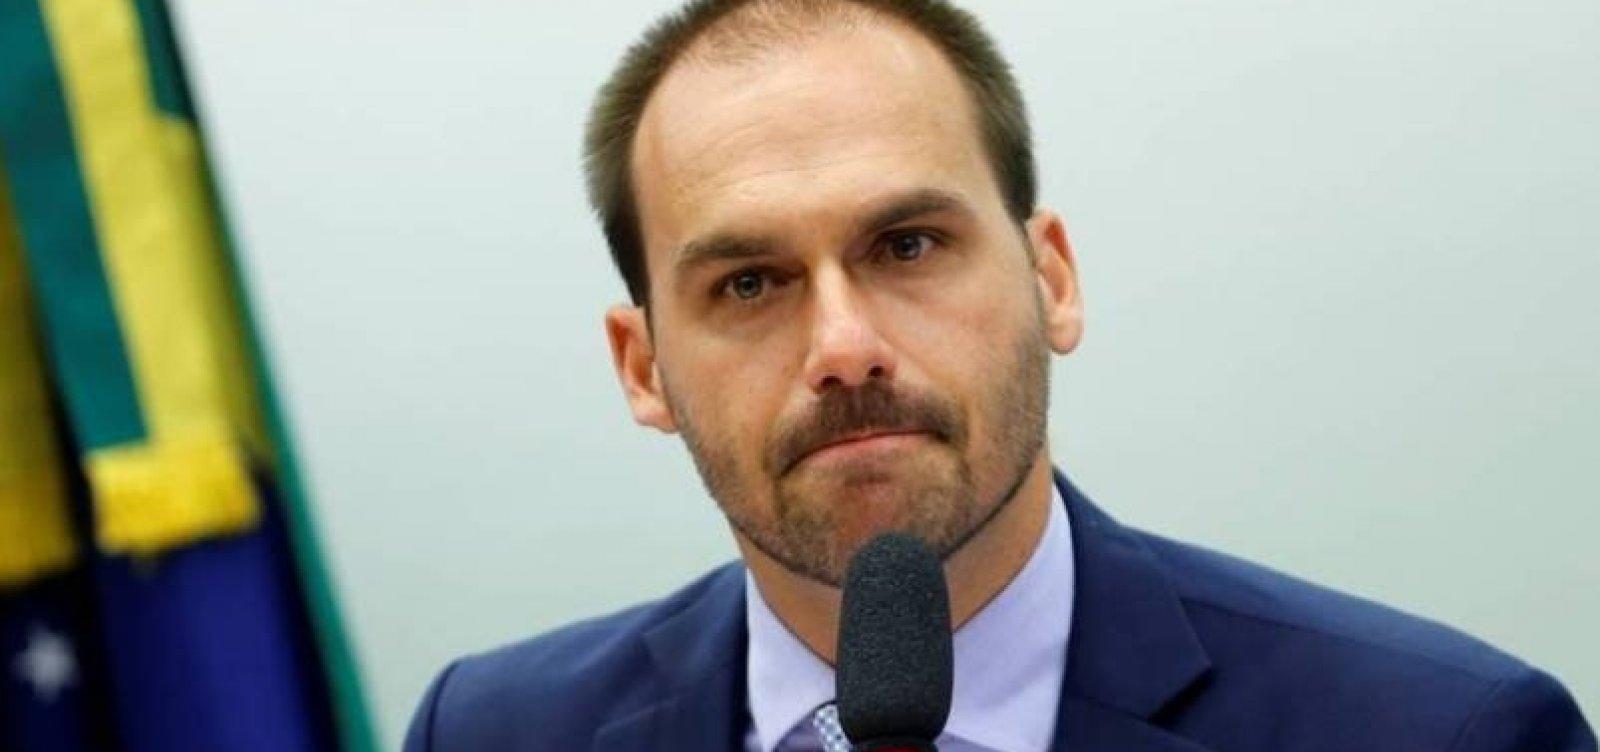 [Justiça condena Eduardo Bolsonaro a indenizar jornalista Patrícia Campos Mello por danos morais ]